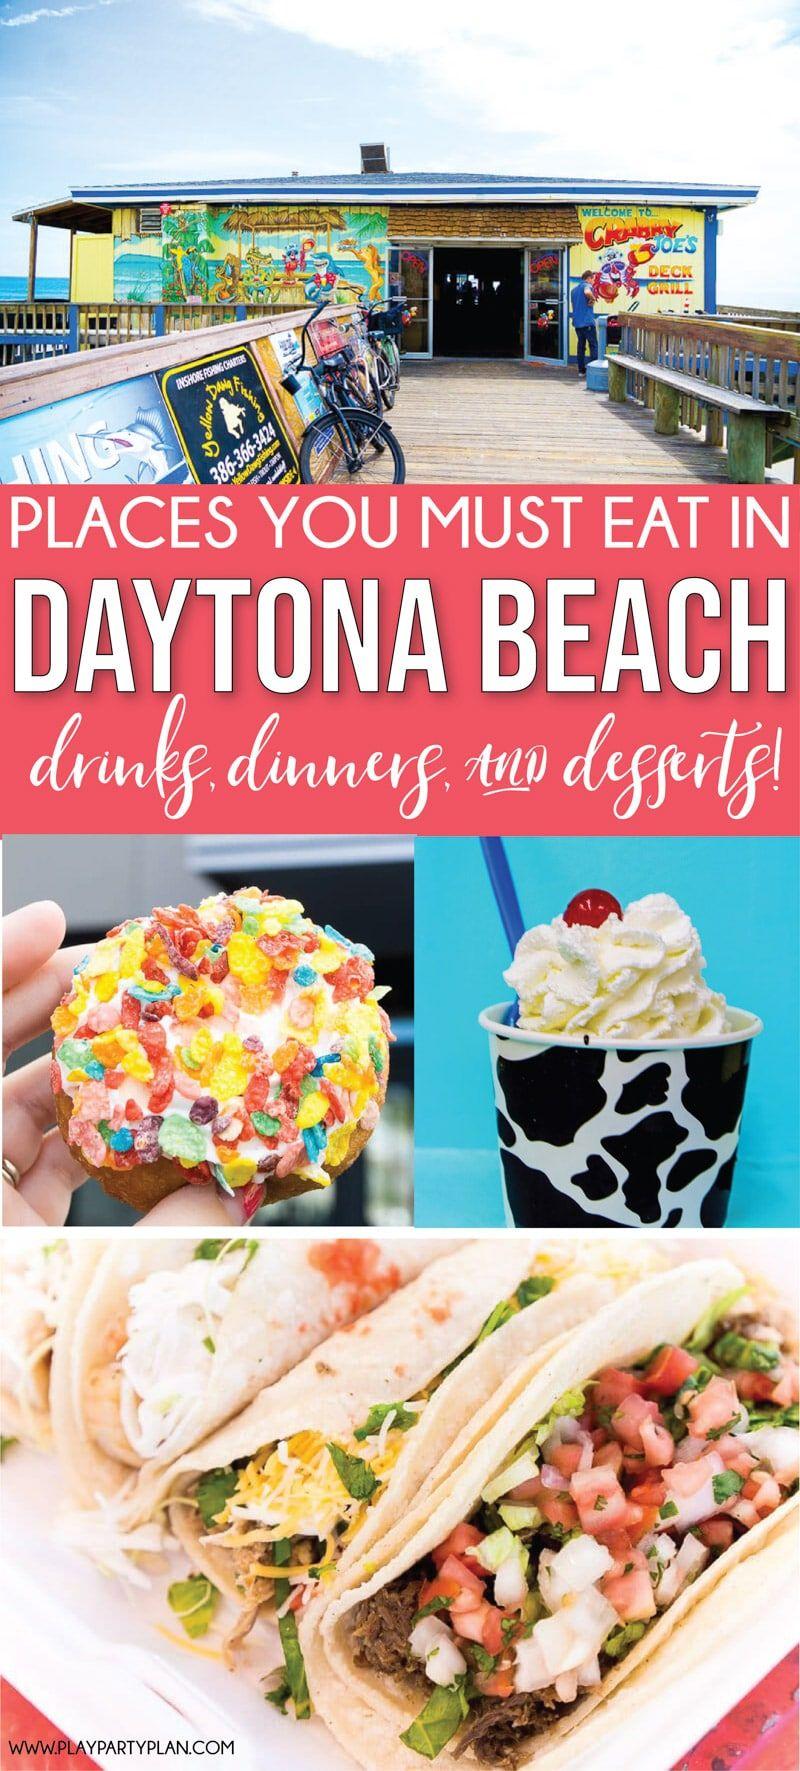 11 Of The Best Daytona Beach Restaurants Daytona Beach Daytona Beach Restaurants Daytona Beach Florida